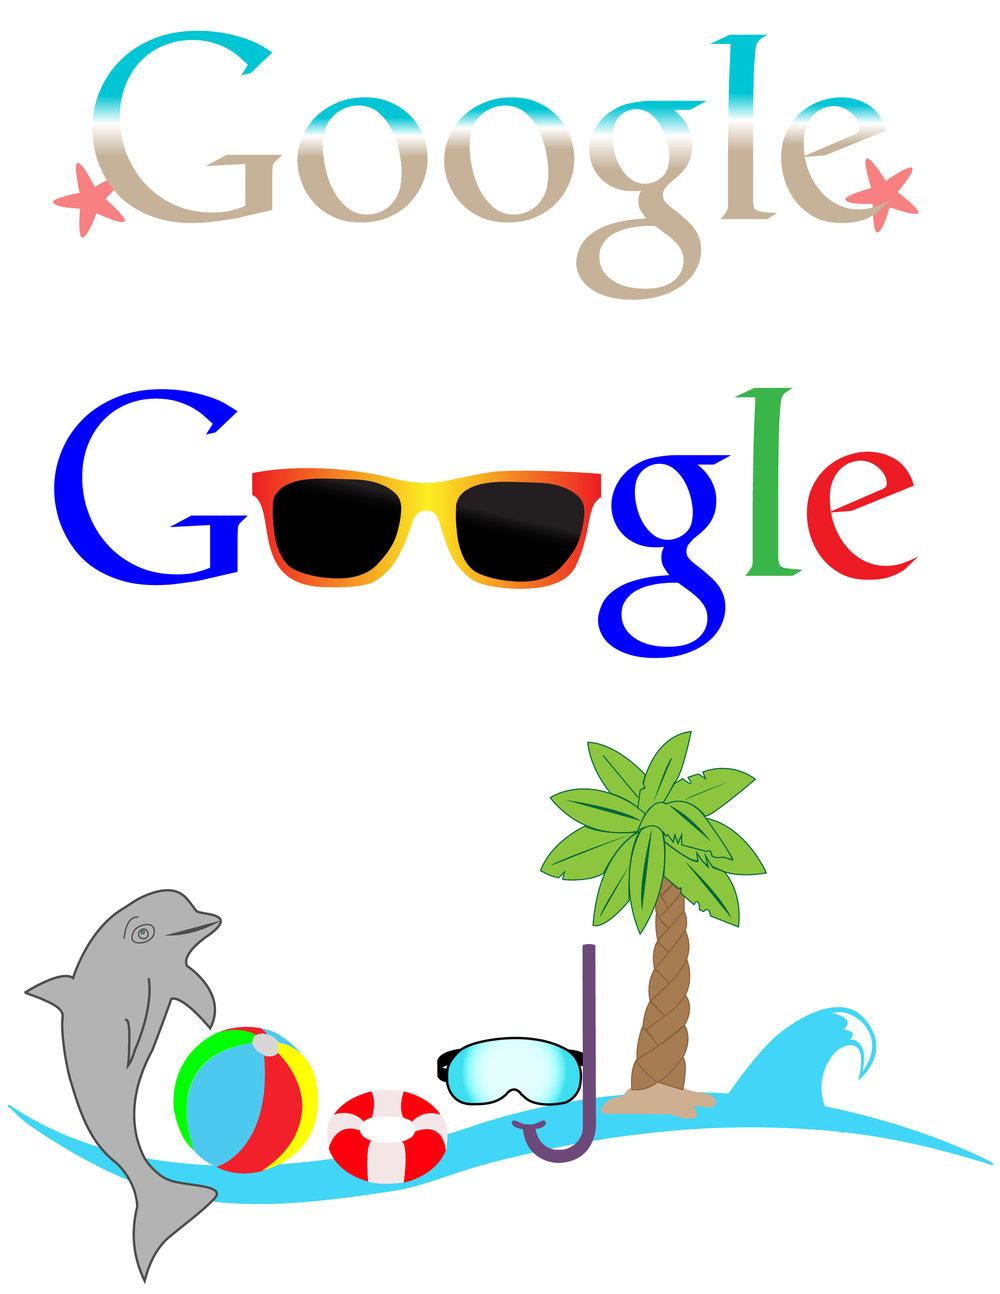 GoogleDoodle_Kleemann-01.jpg